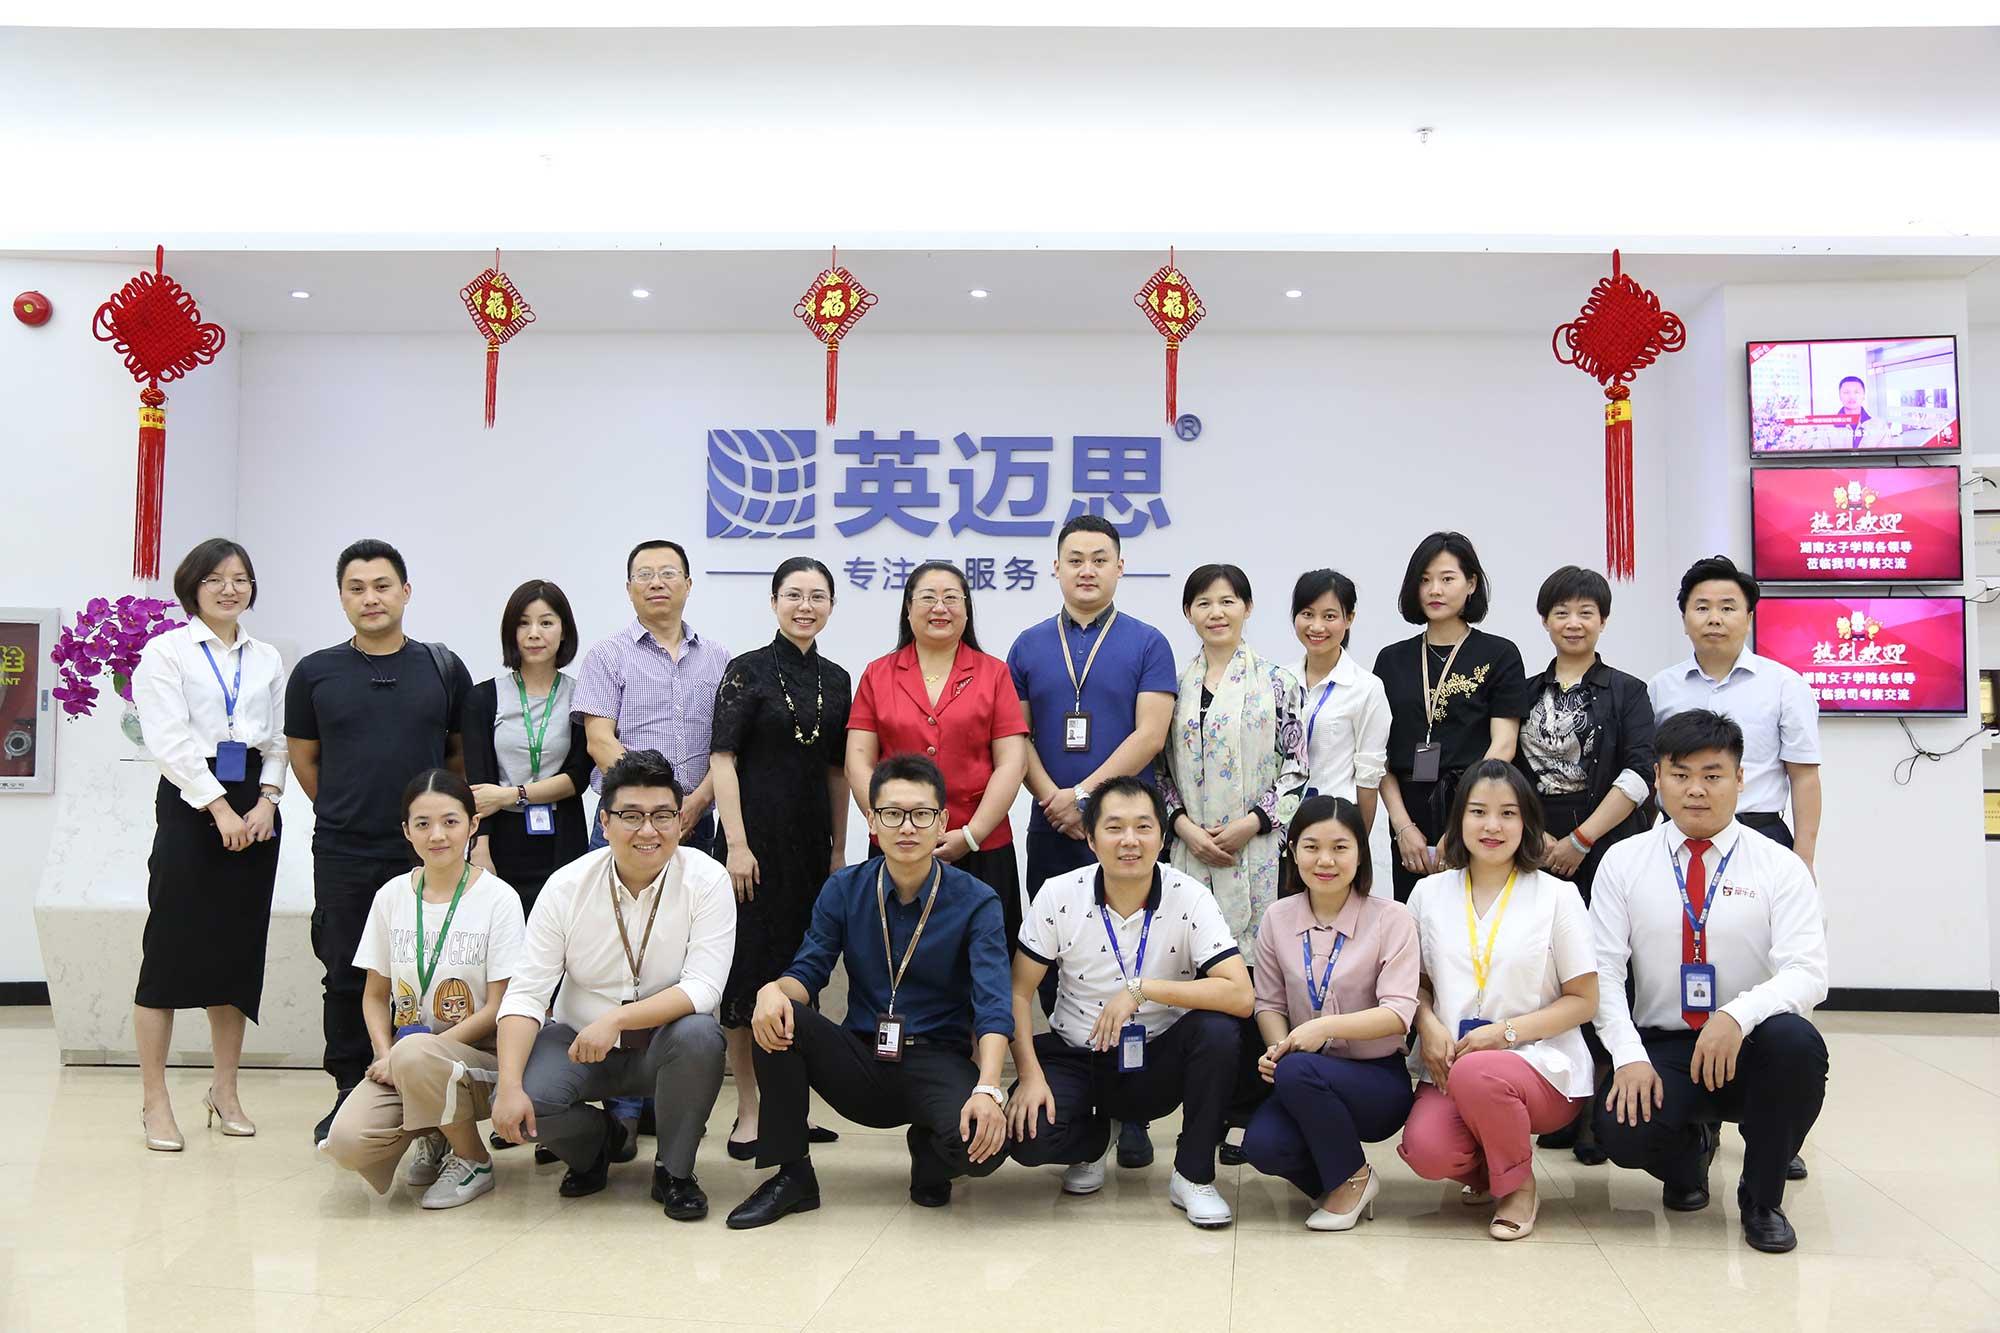 湖南女子学院来访英迈思集团,开启校企合作新篇章